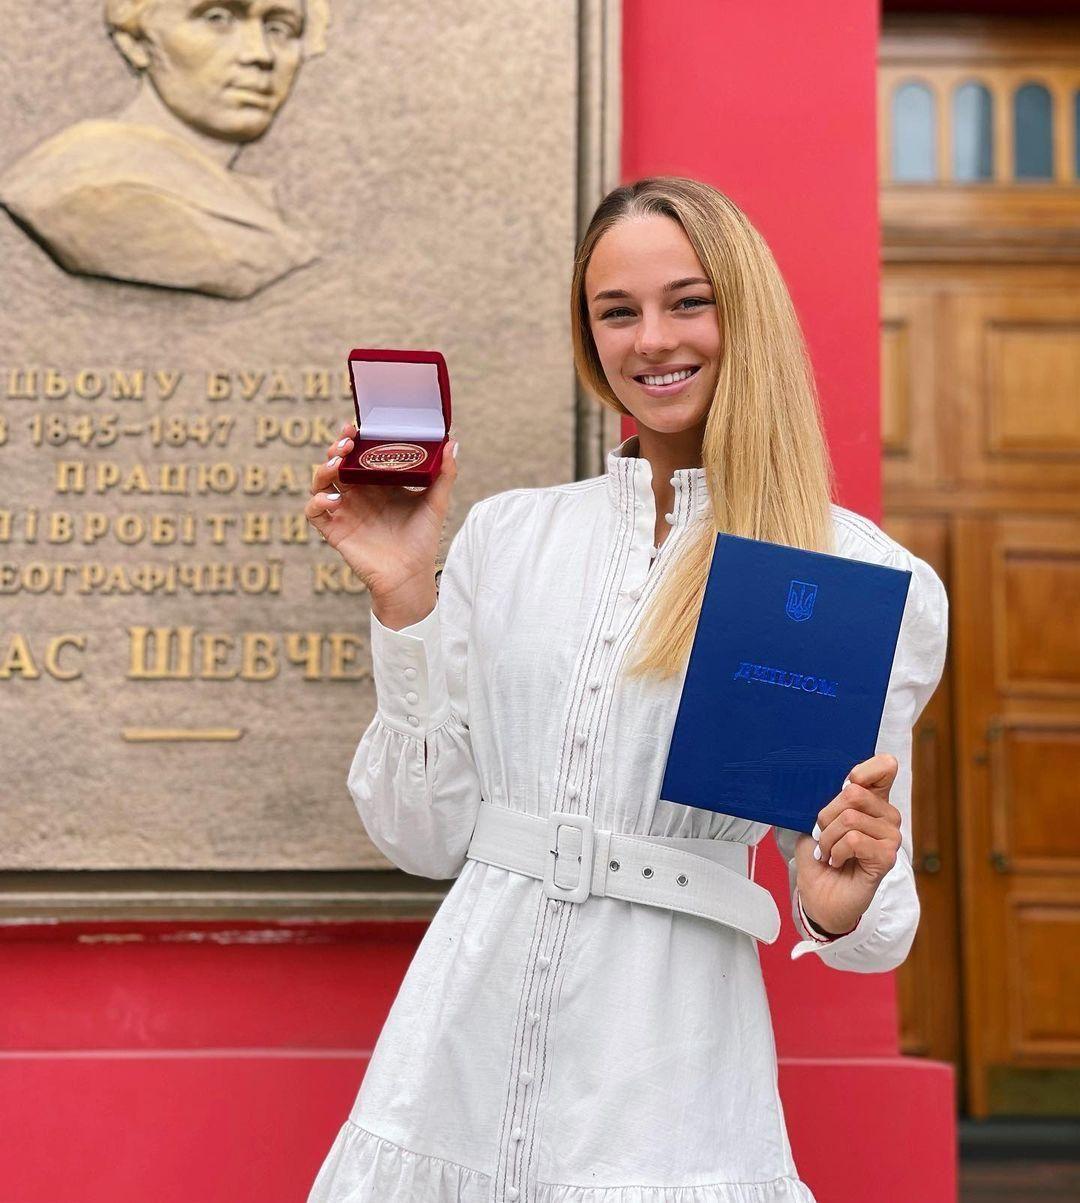 Дарія Білодід отримала диплом бакалавра